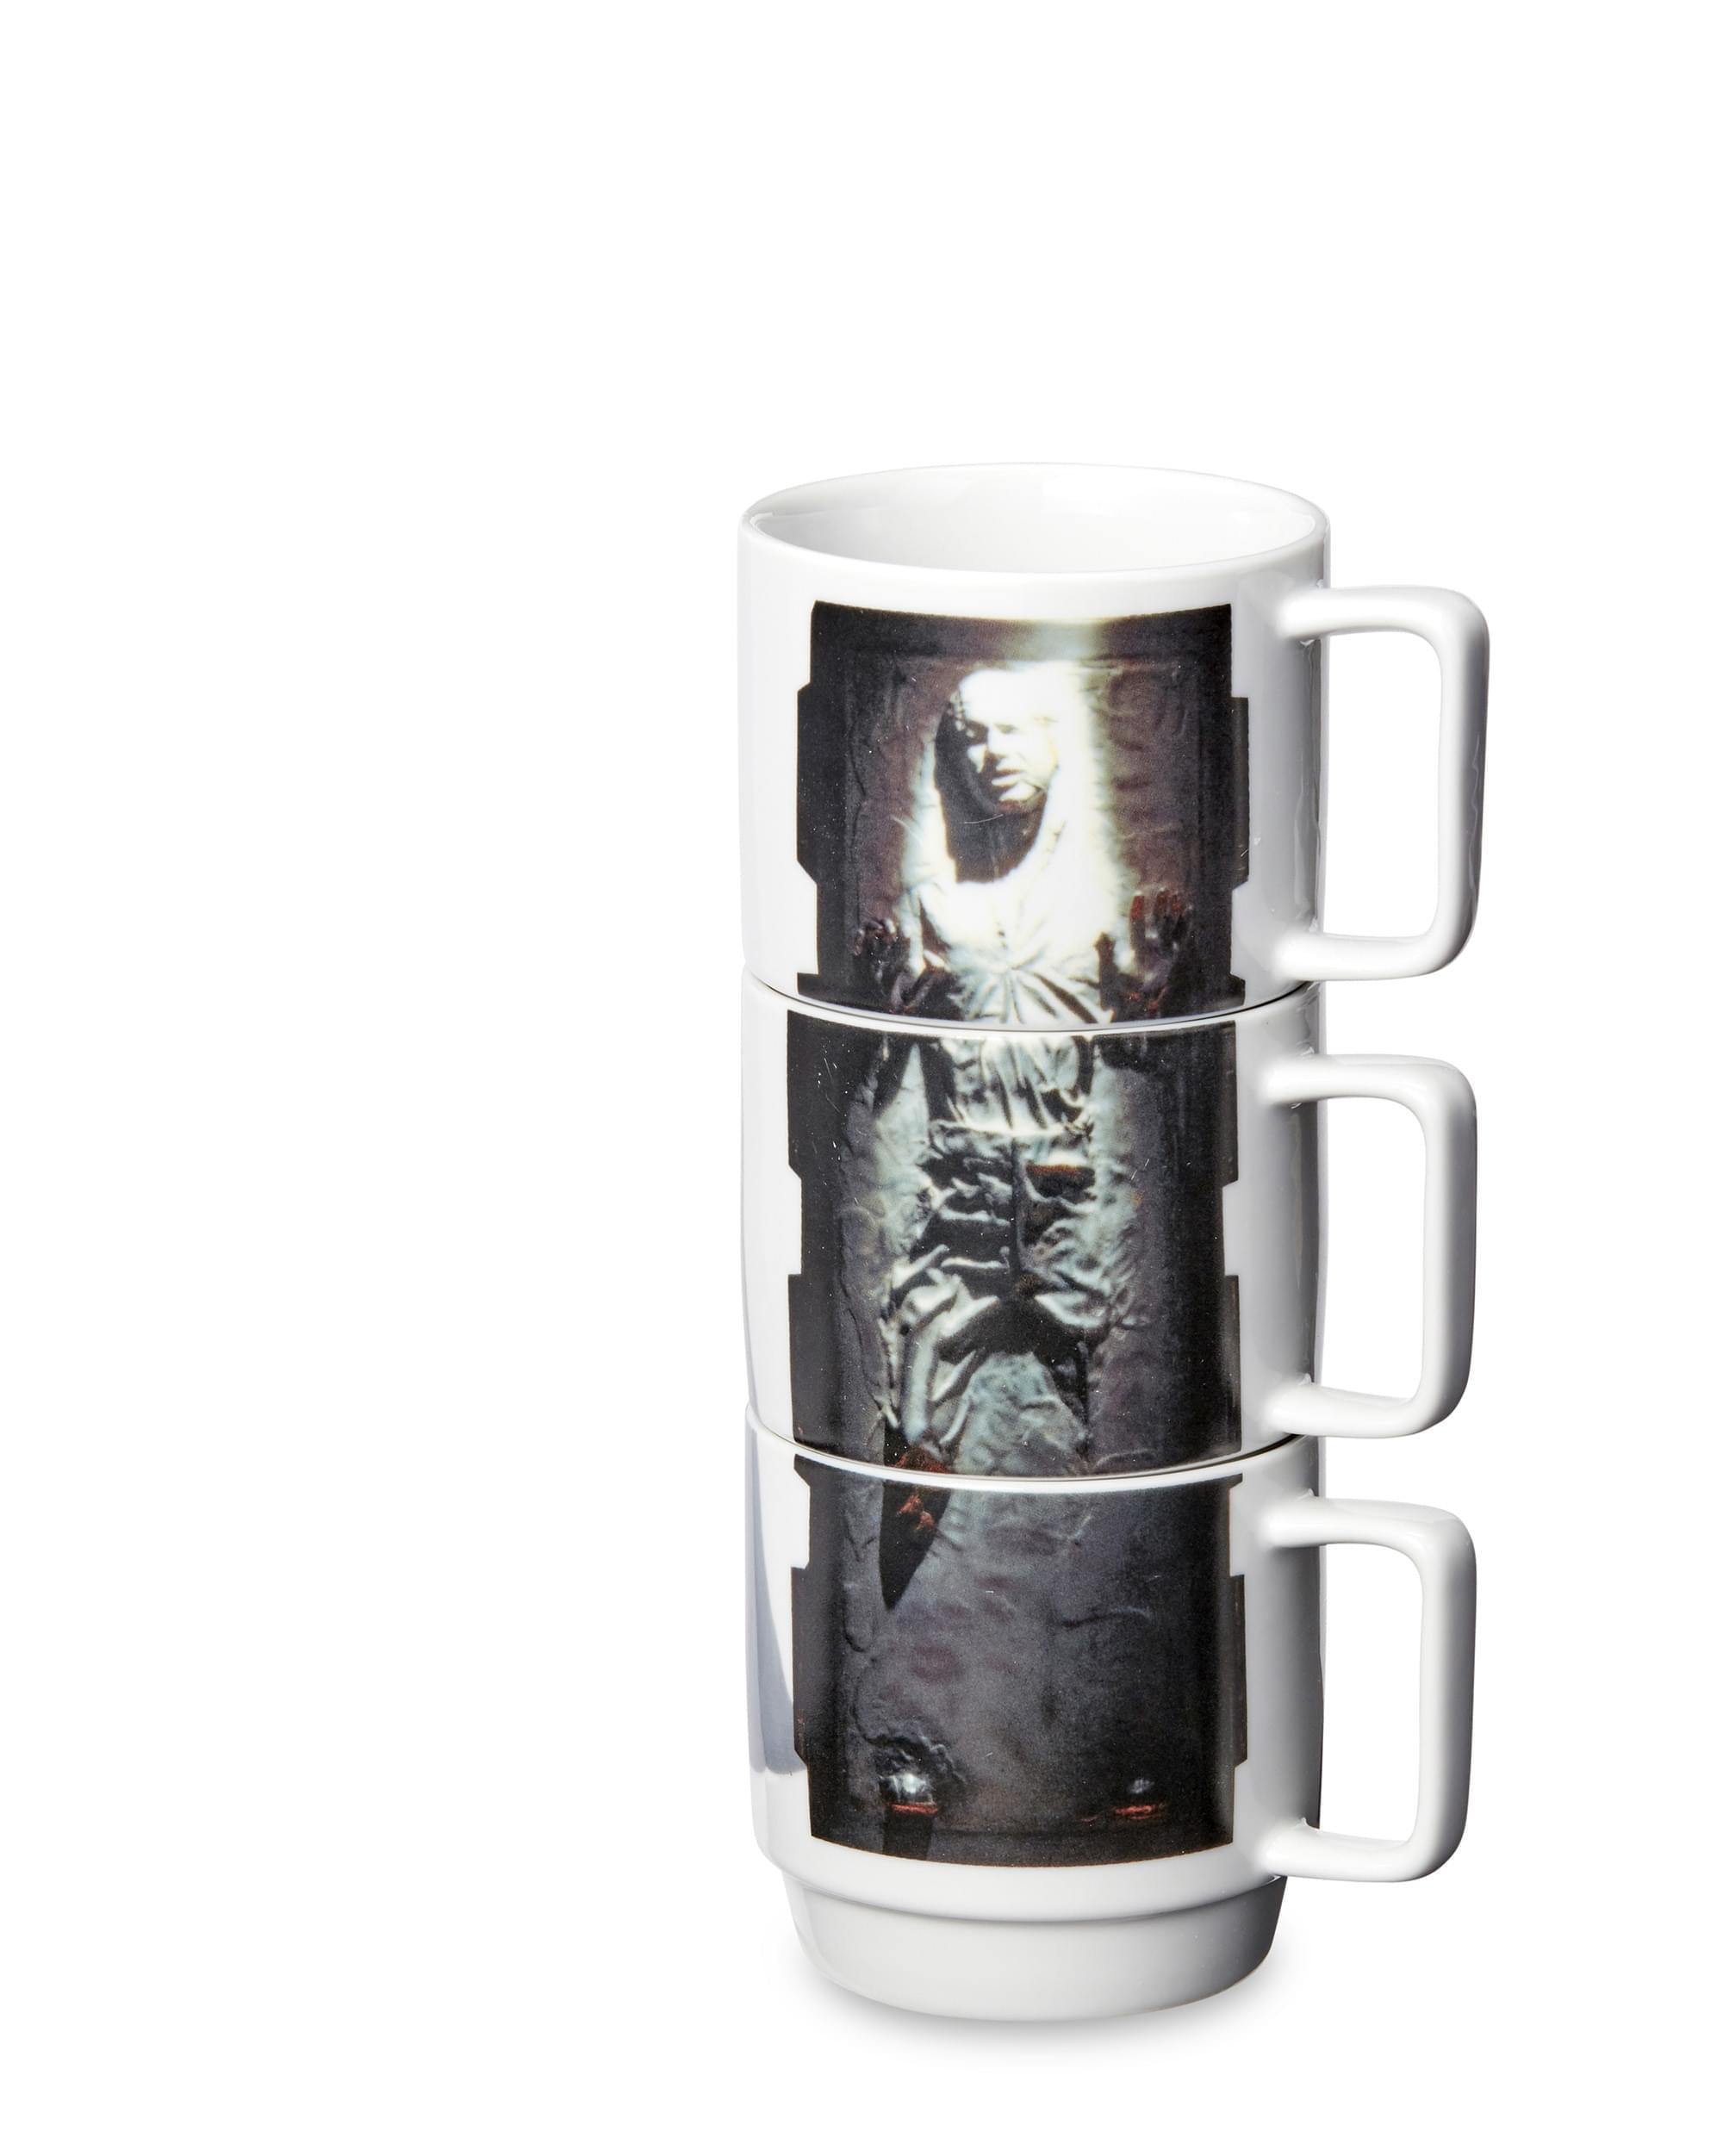 HAN IN CARBONITE STAR WARS Stacking Mugs SLAVE LEIA LANDO Ceramic 3 Set